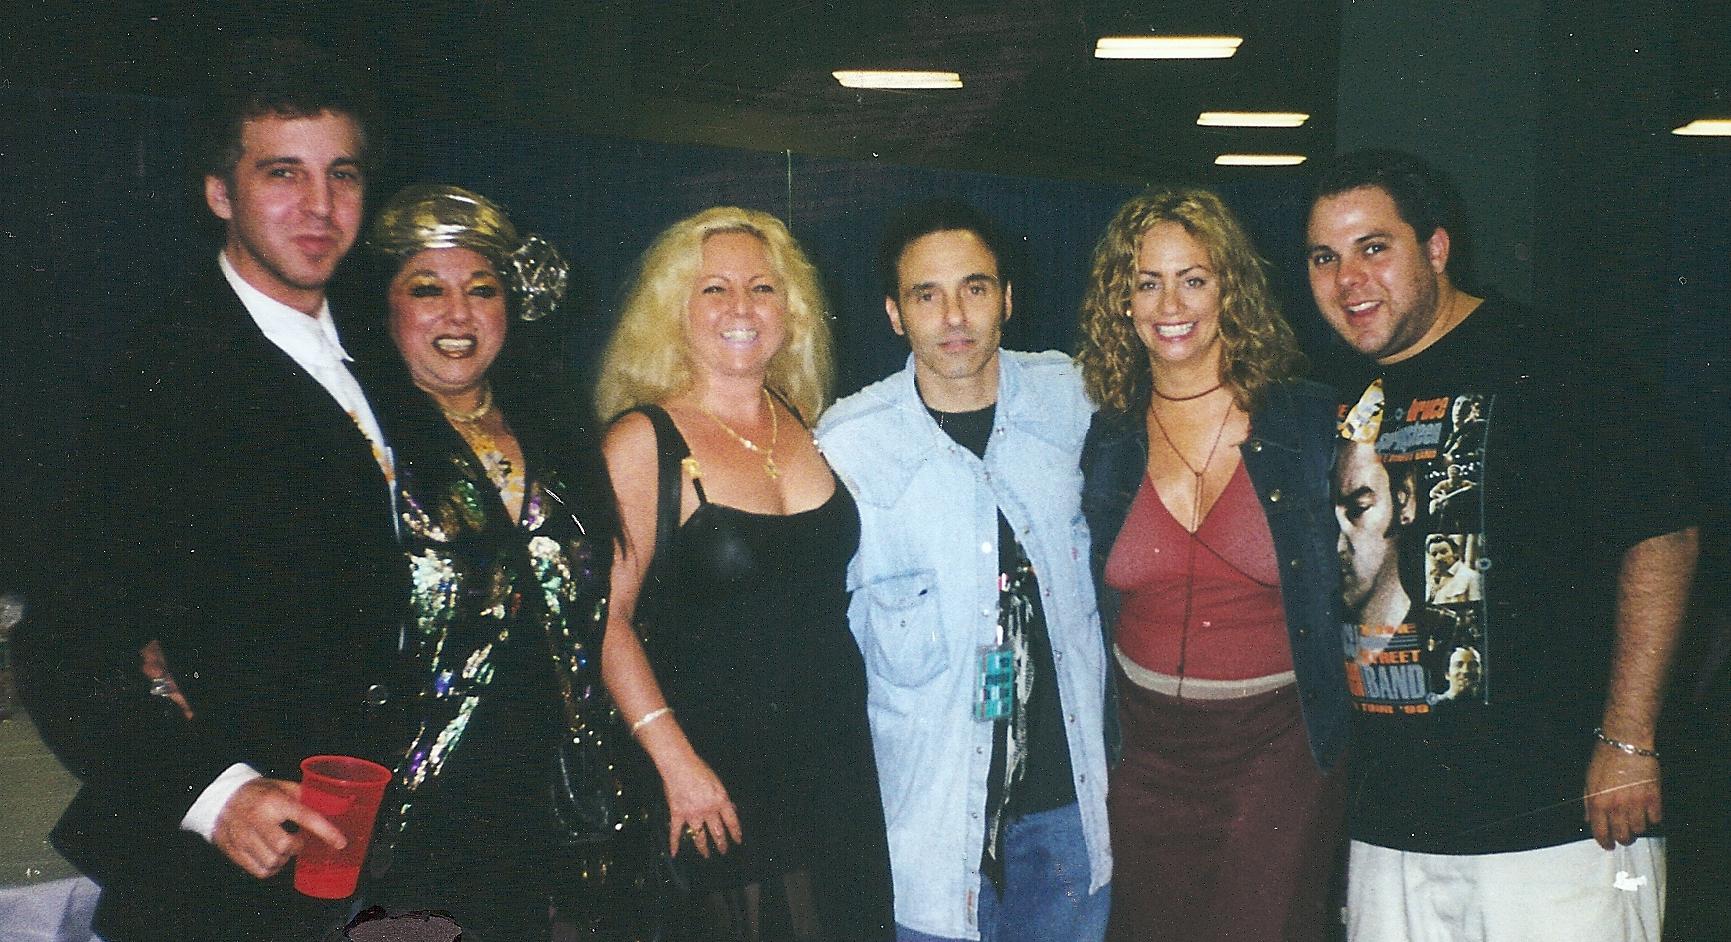 Magic Marc, Marilyn Percansky, Lisa Percansky, Nils Lofgren, Amy Lofgren, Richard Gittelson Backstage at Madison Square Garden / New York, New York / June 17, 2000